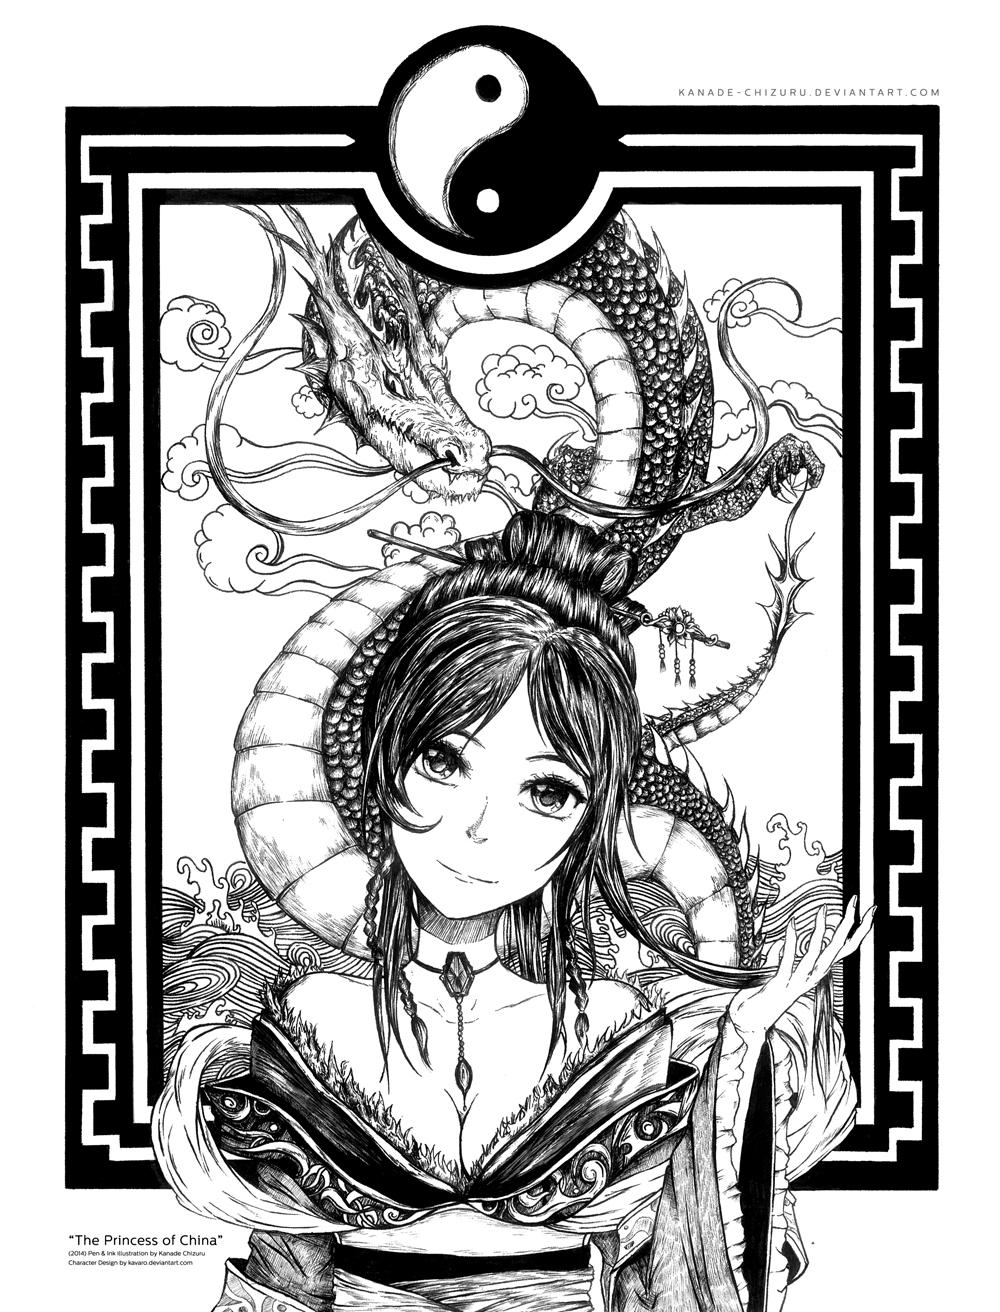 The Princess of China